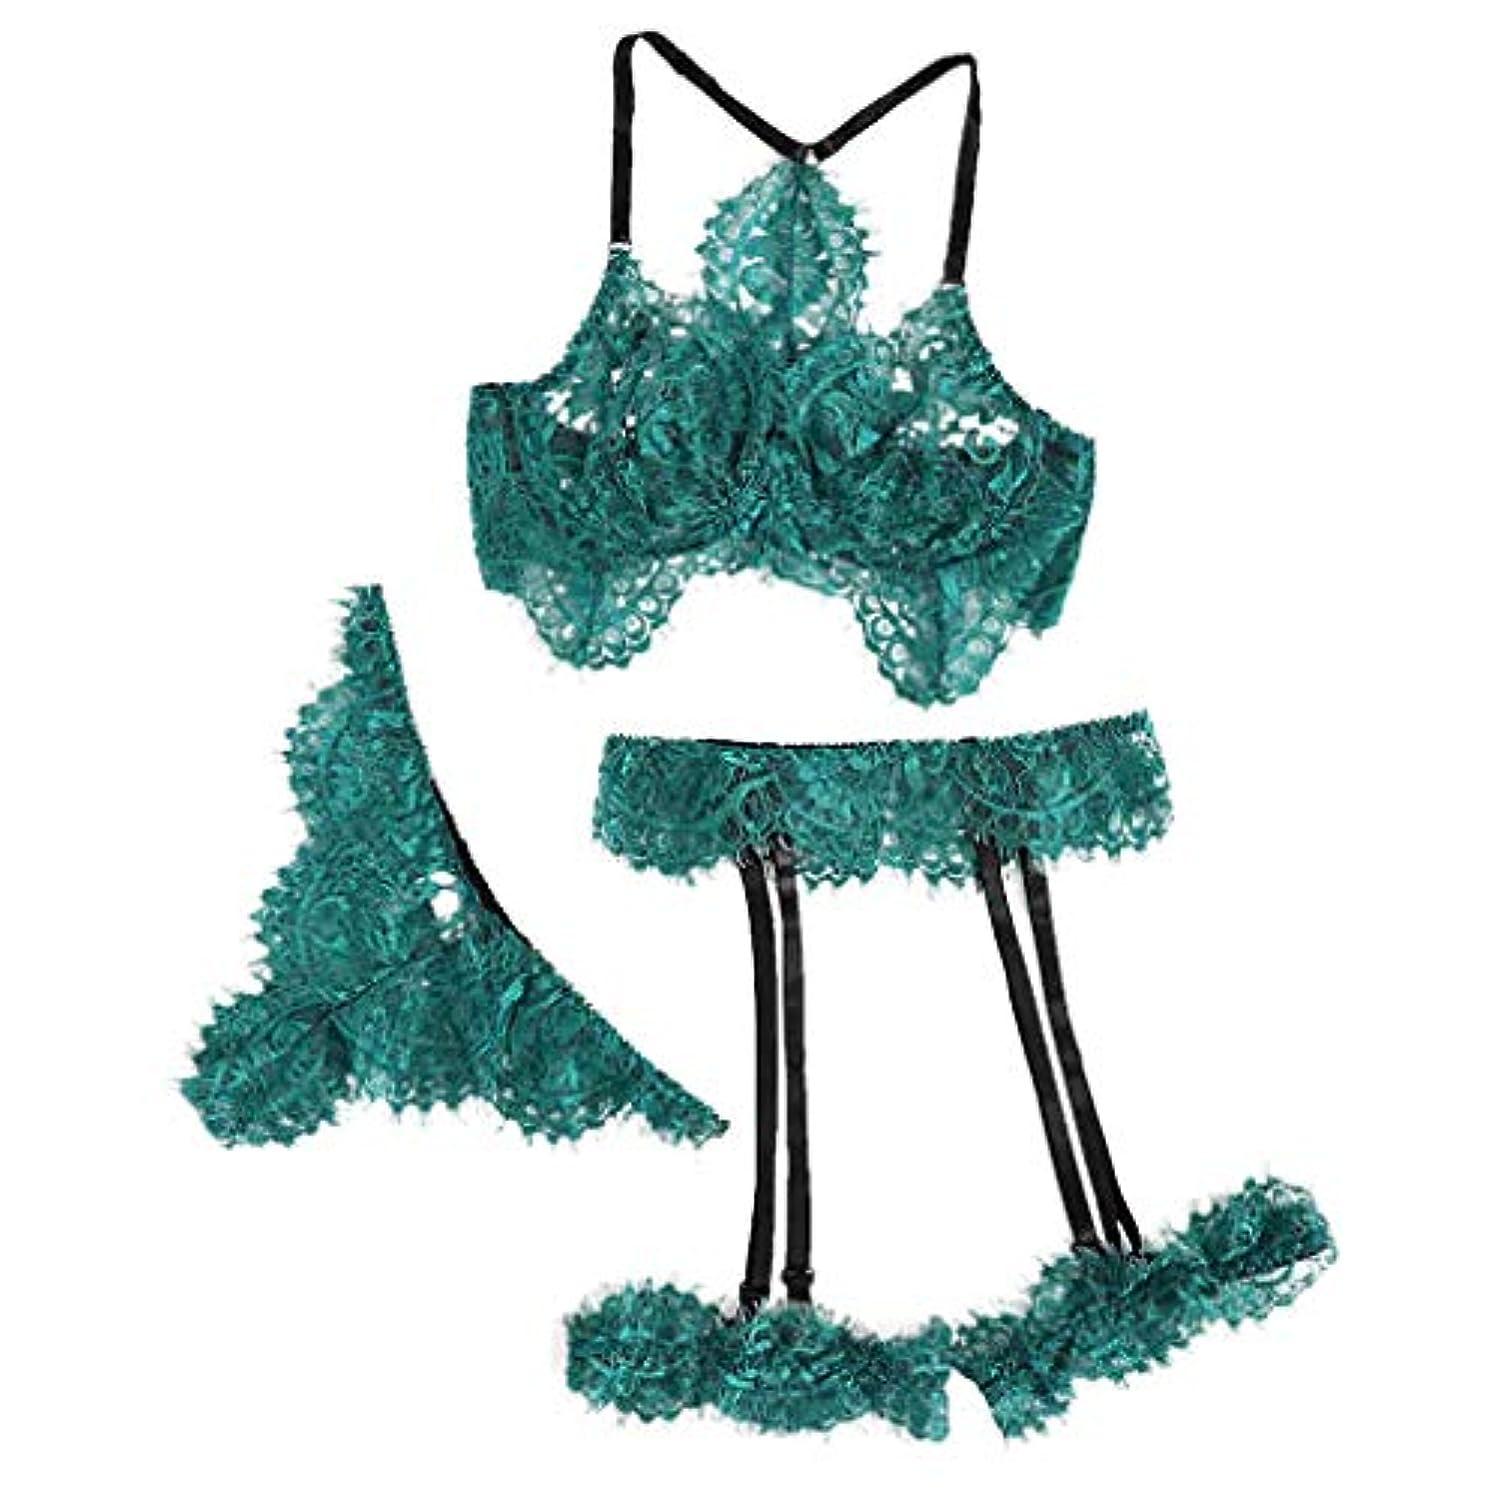 ZoePets Three-Piece Eyelash Lace Set Sexy Underwear Exquisite Lingerie Bra+Garter+Briefs Babydoll Cut-Out Sleepwear